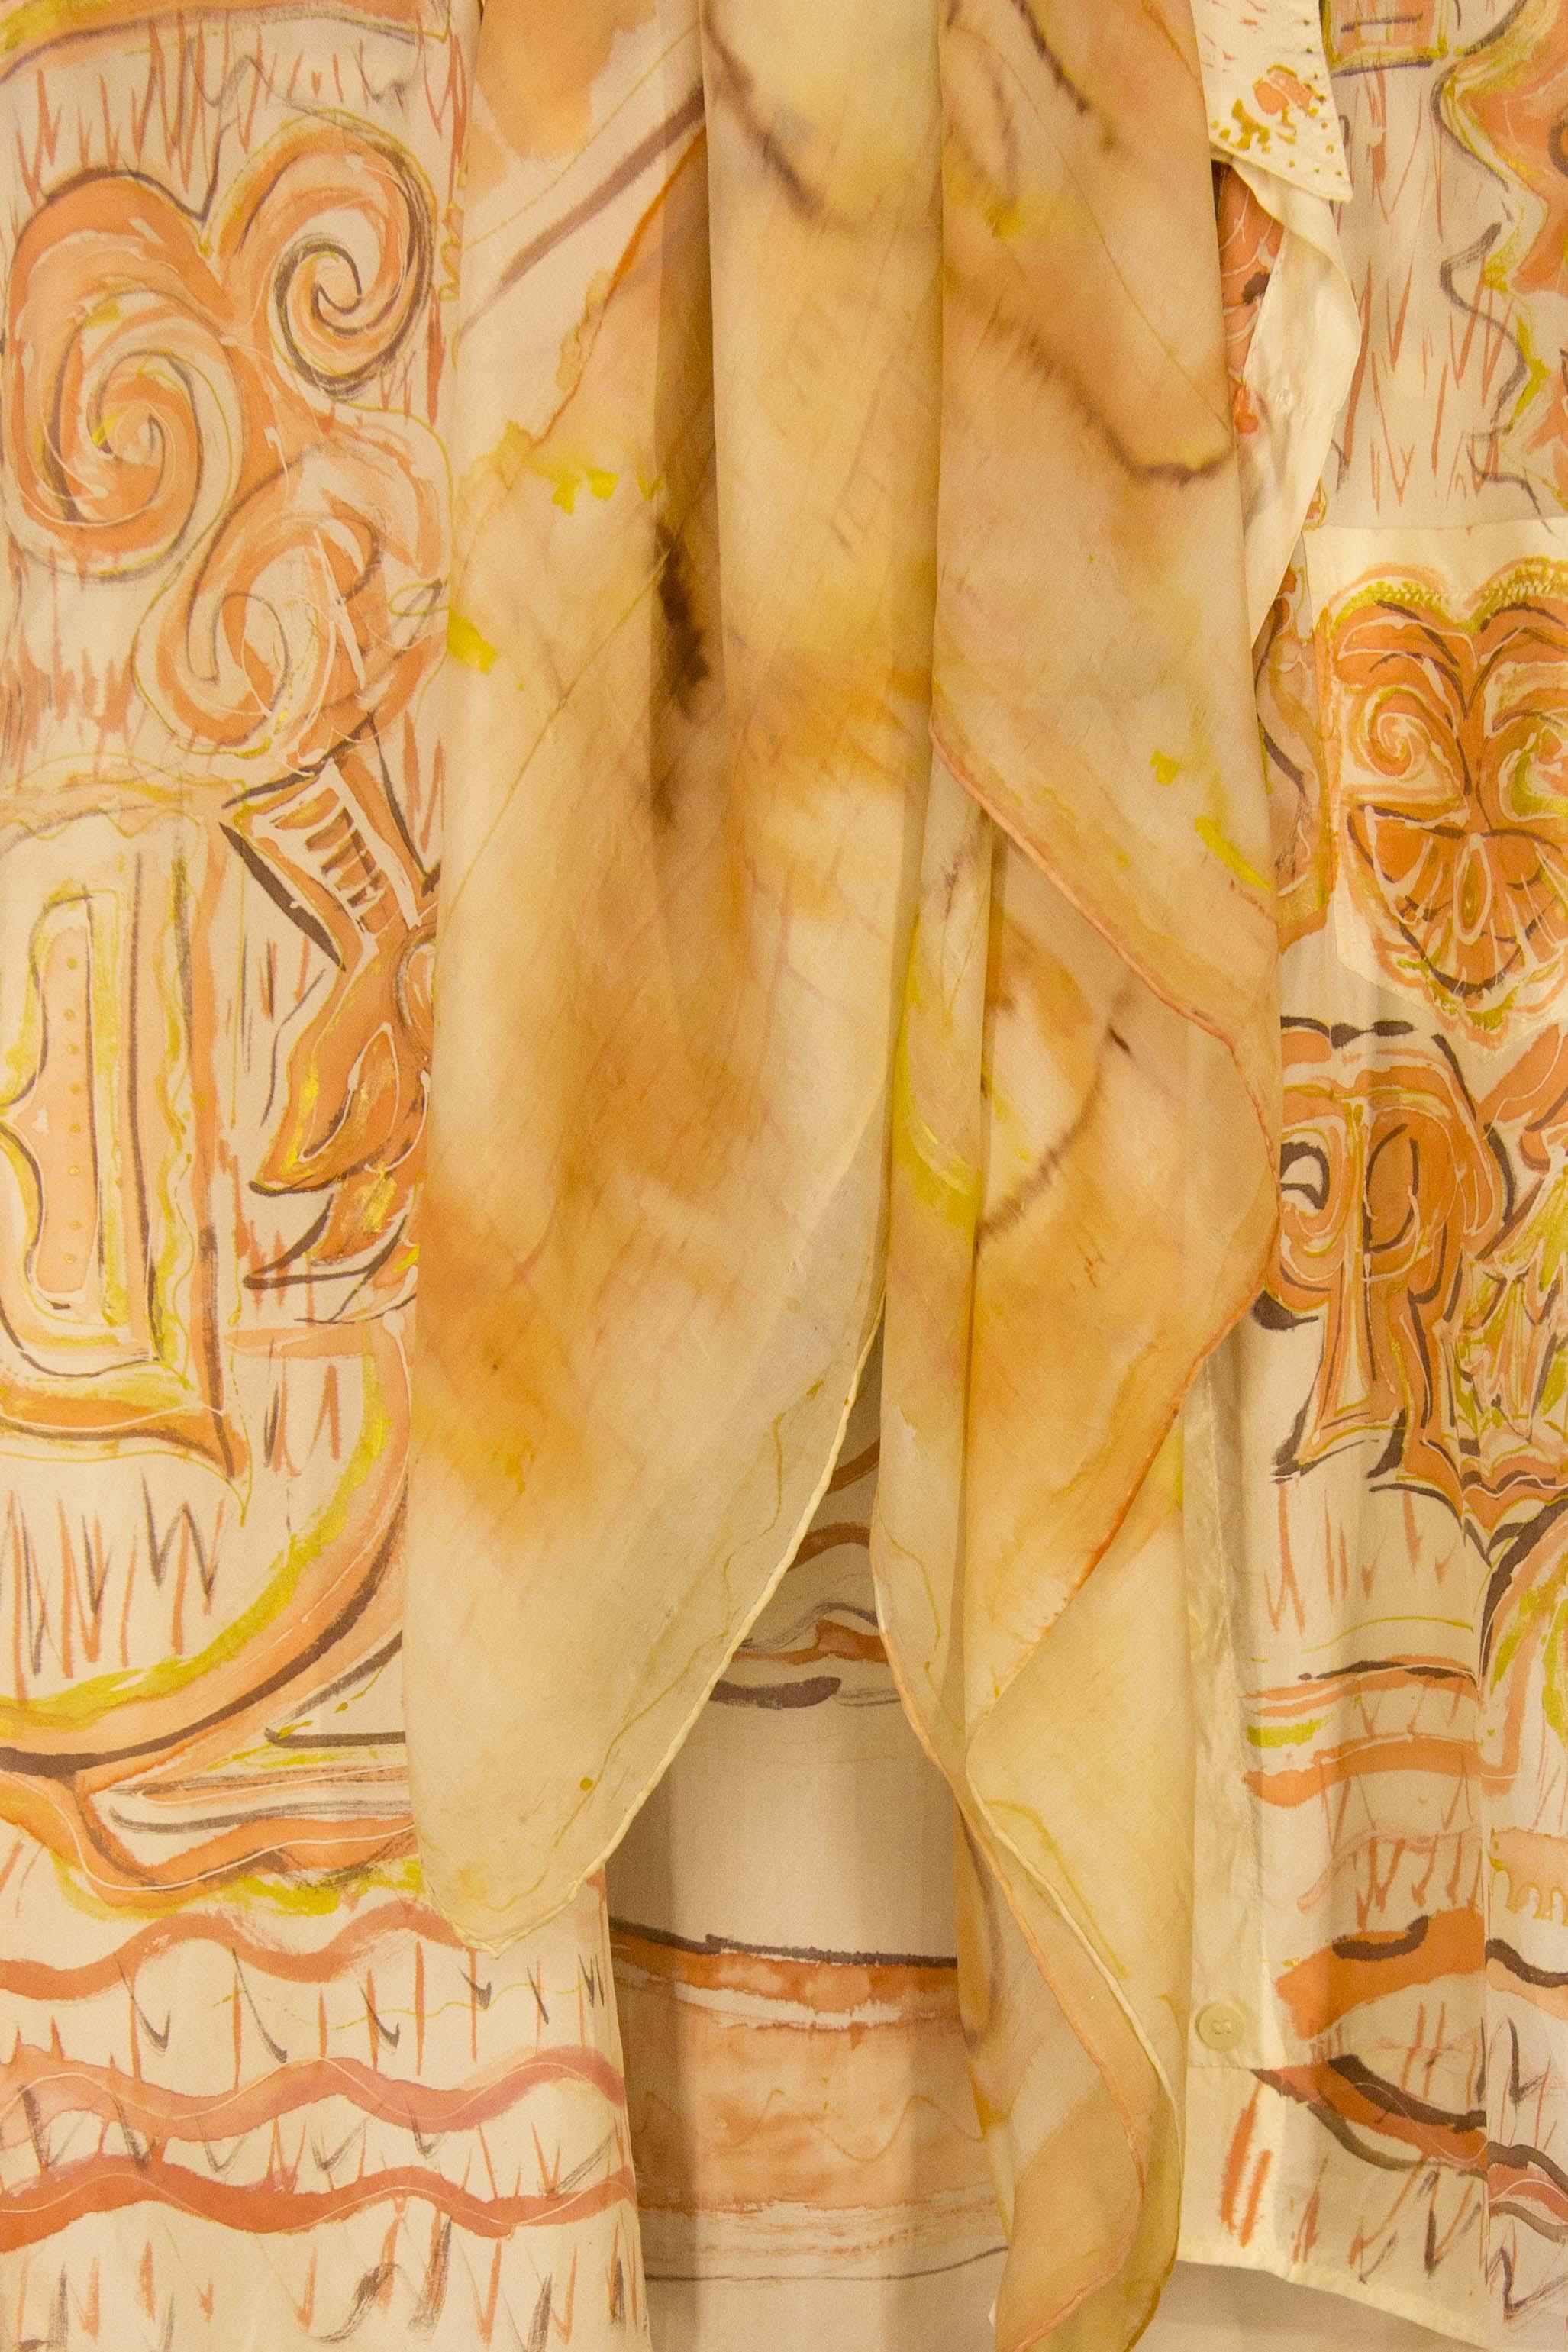 Camisa y pañuelo a juego  de seda natural pintada. Fotografía: Baúl de Fotos